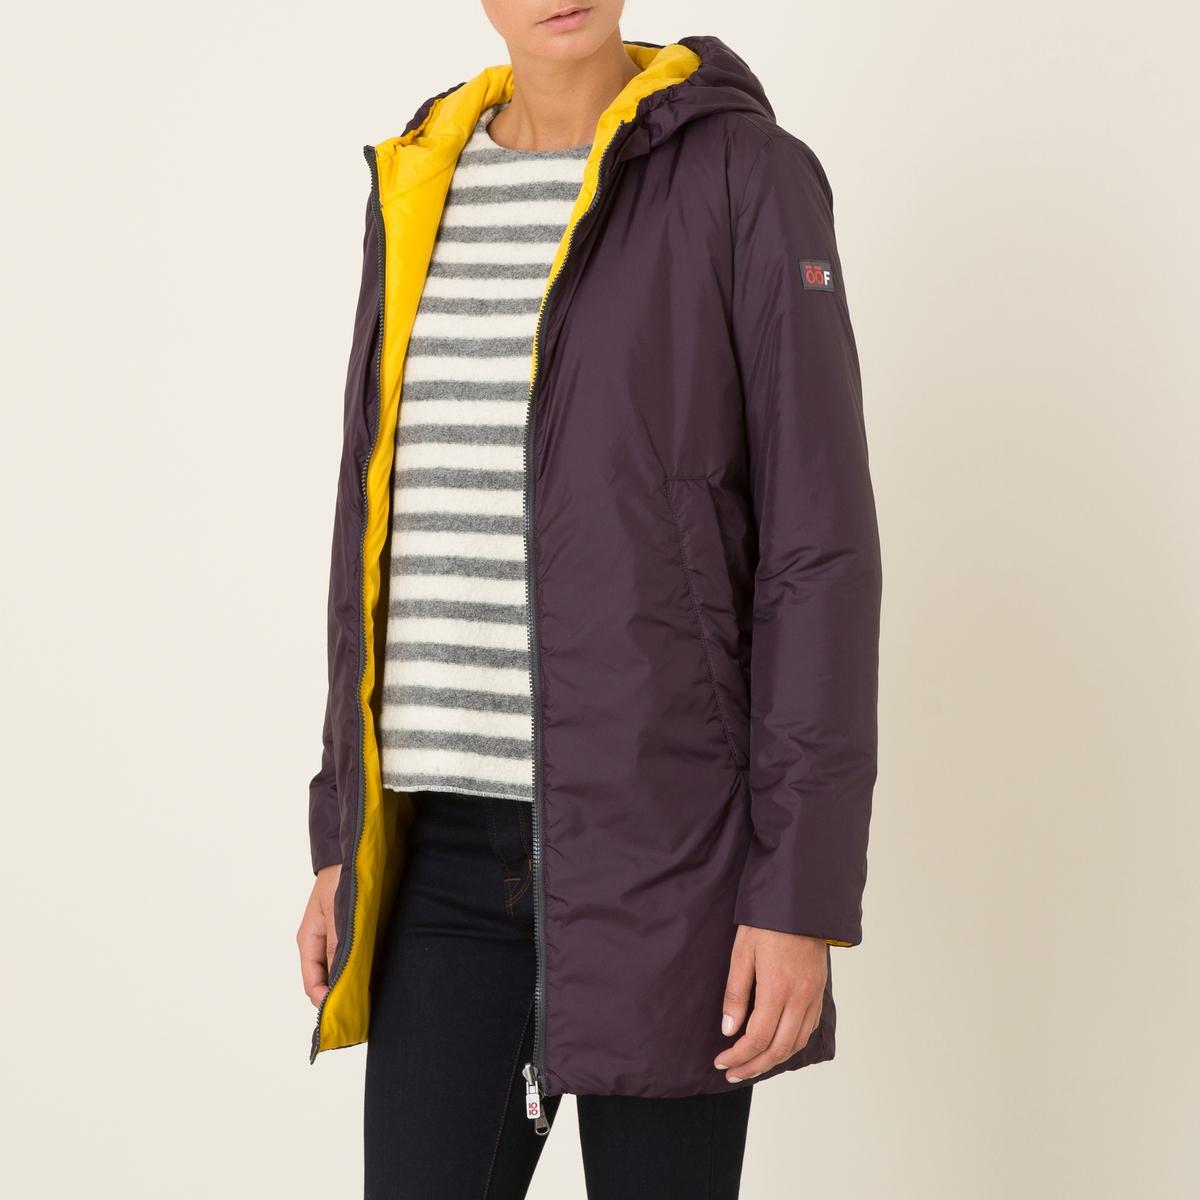 Куртка стеганая длинная двусторонняяКуртка стеганая длинная OOF - двусторонняя модель . С капюшоном . Высокий воротник. Боковые карманы реглан . Застежка на молнию. Эластичные манжеты.Состав &amp; Детали Материал : 100% полиамидМарка : OOF<br><br>Цвет: сливовый/желтый